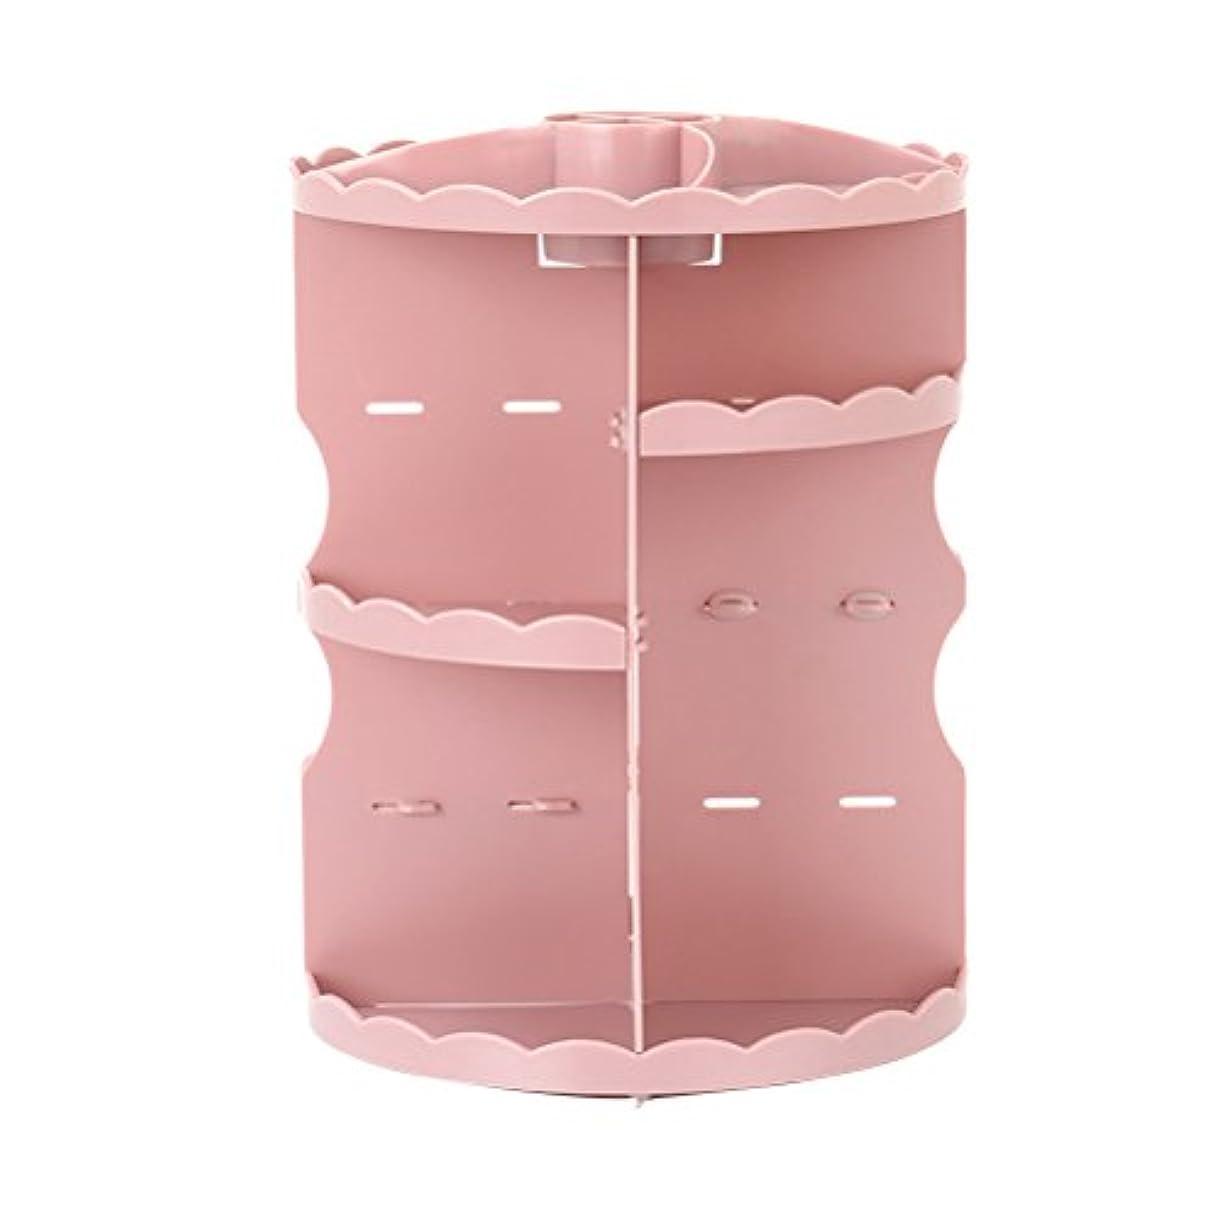 キャリア自分の力ですべてをするライドOUNONA 化粧品棚 メイクボックス コスメ収納 化粧収納 化粧入れ 360度回転式 大容量 卓上 浴室 台所 収納棚 回転化粧ラック(ピンク)